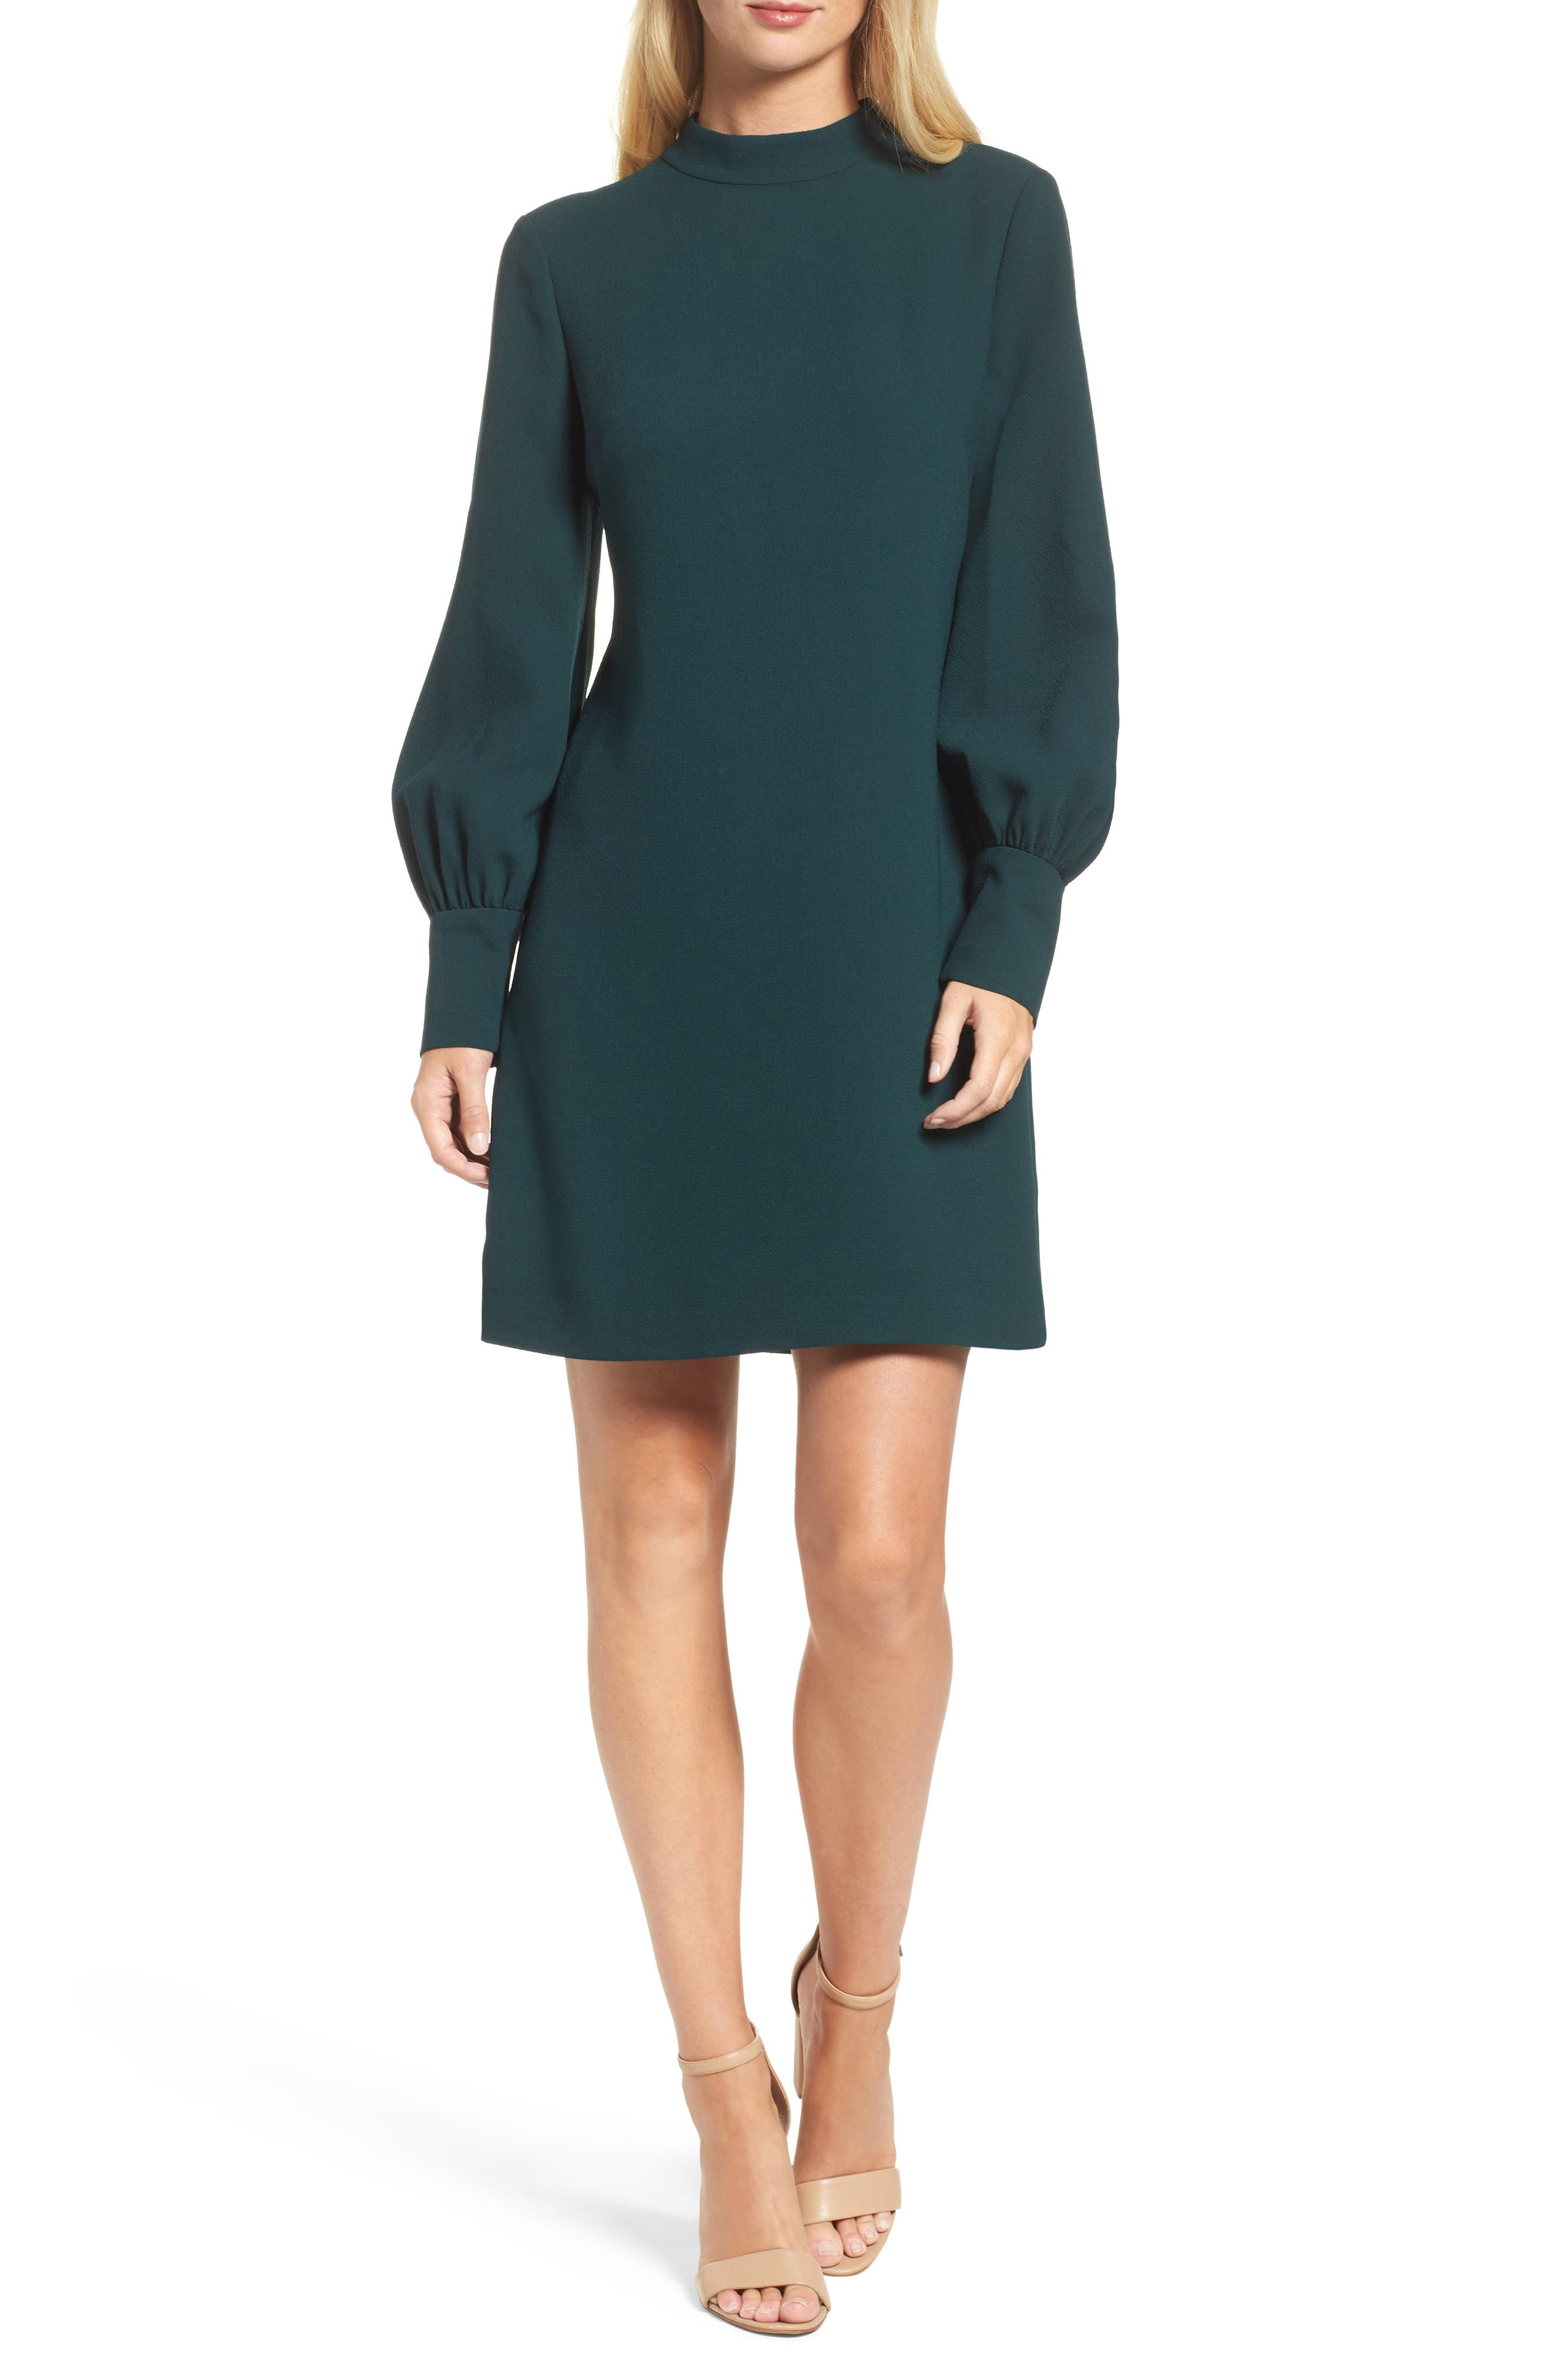 Bishop Sleeve Shift Dress,                             Main thumbnail 1, color,                             302